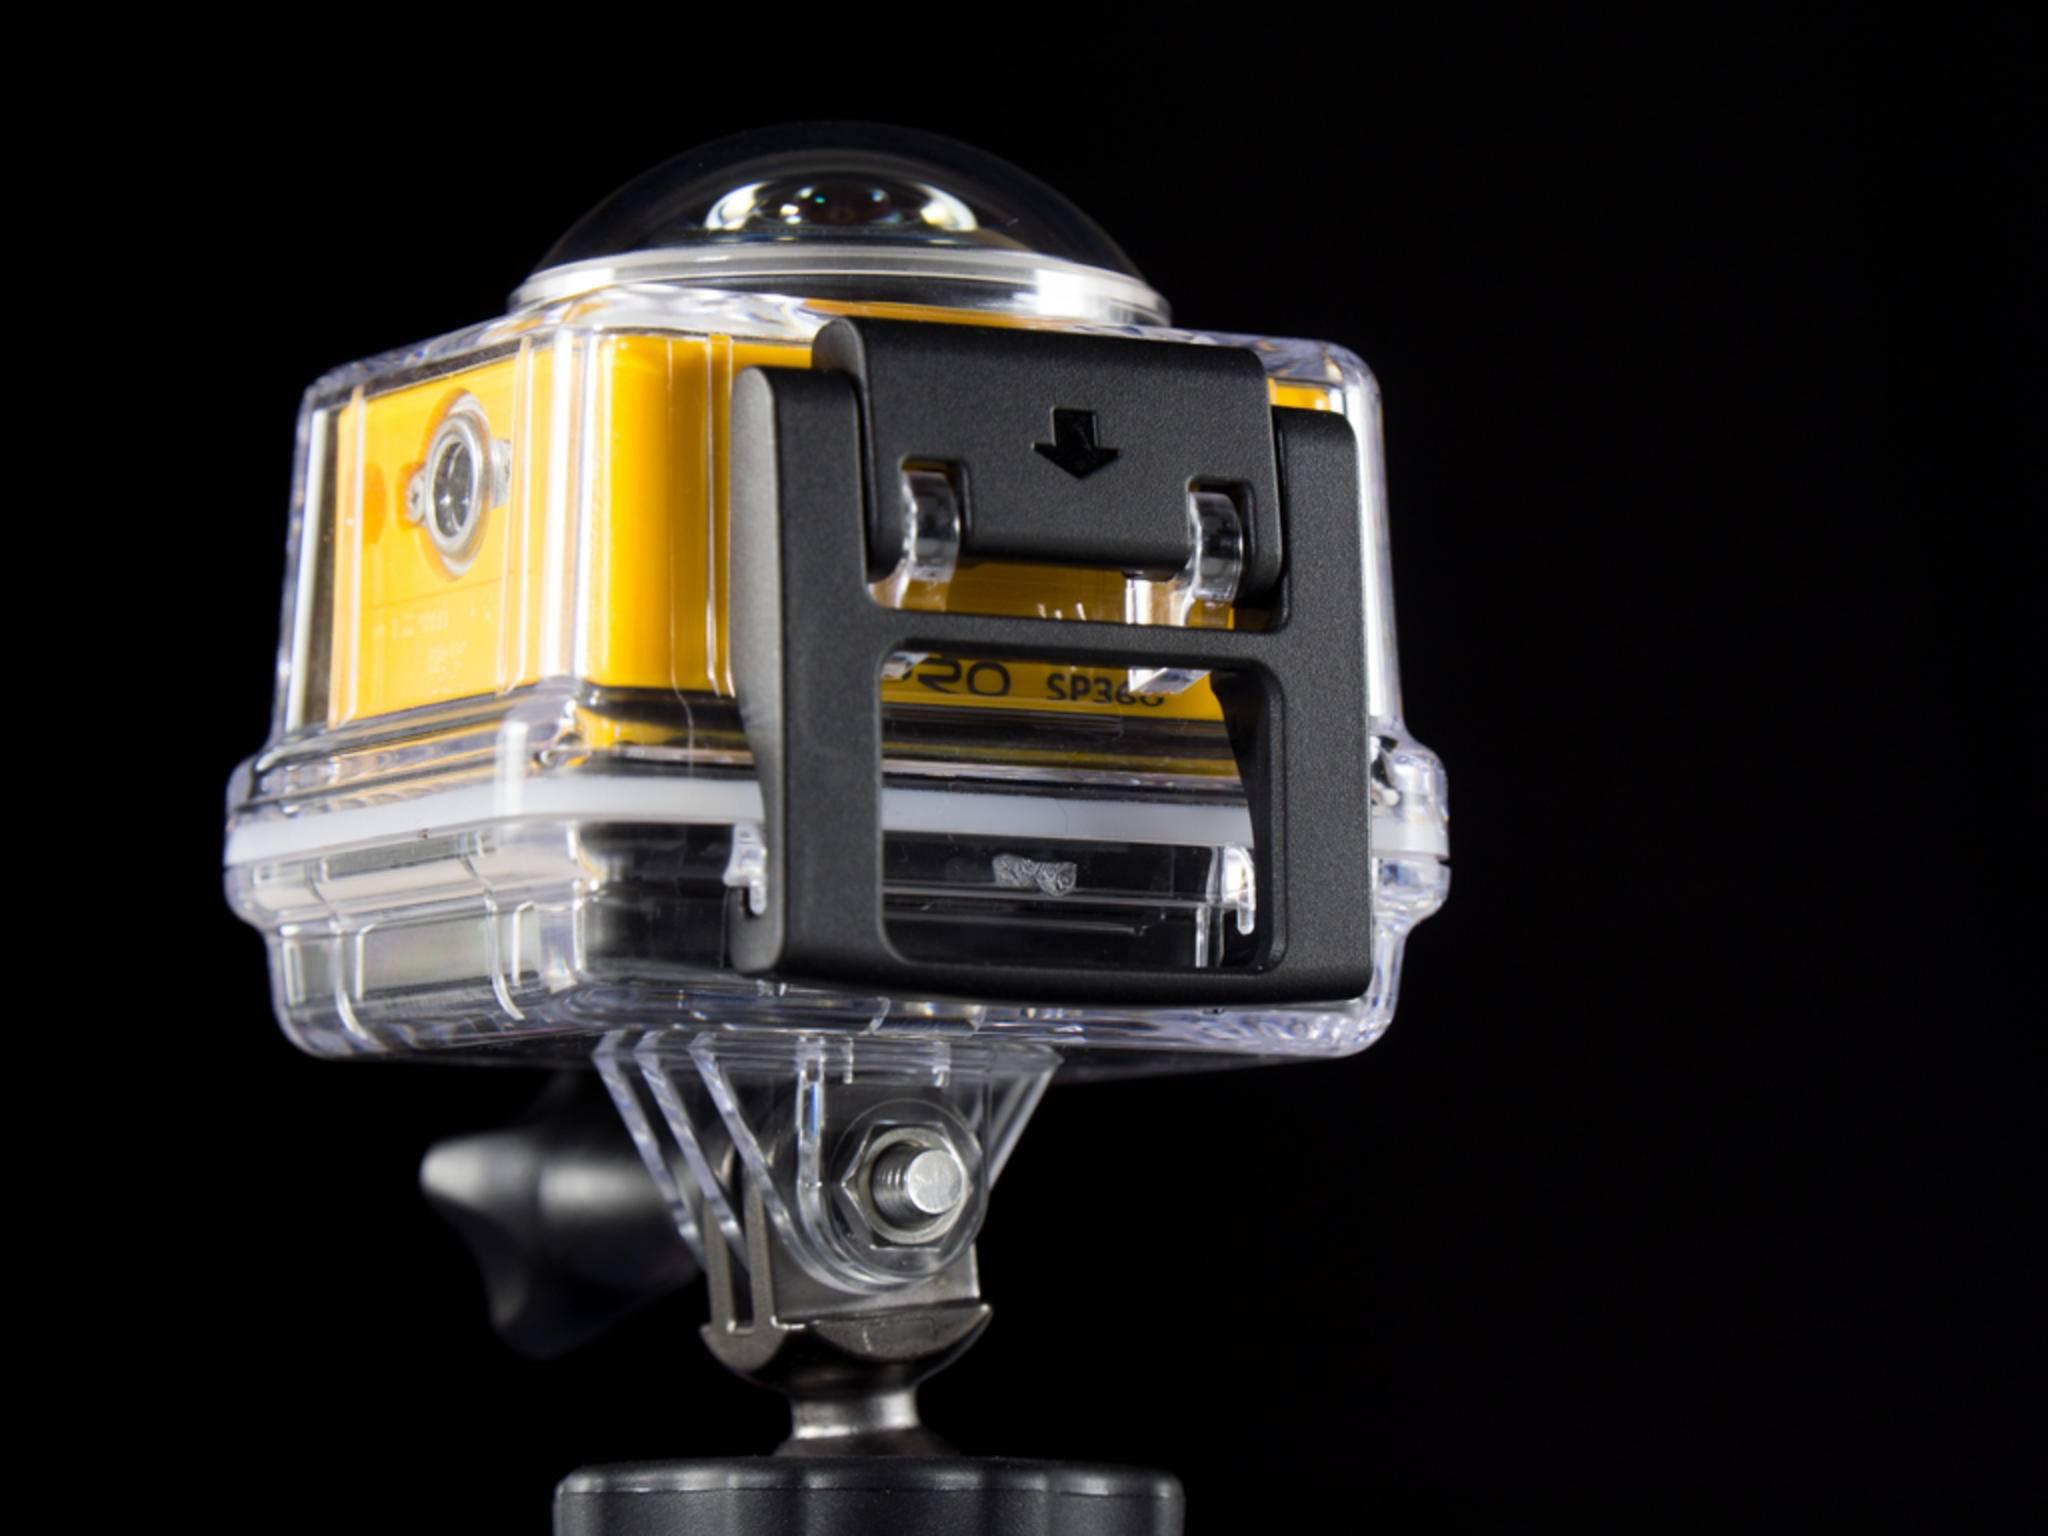 Aqua, Extrem und Explorer: In diesen drei Varianten ist die Action-Cam erhältlich.